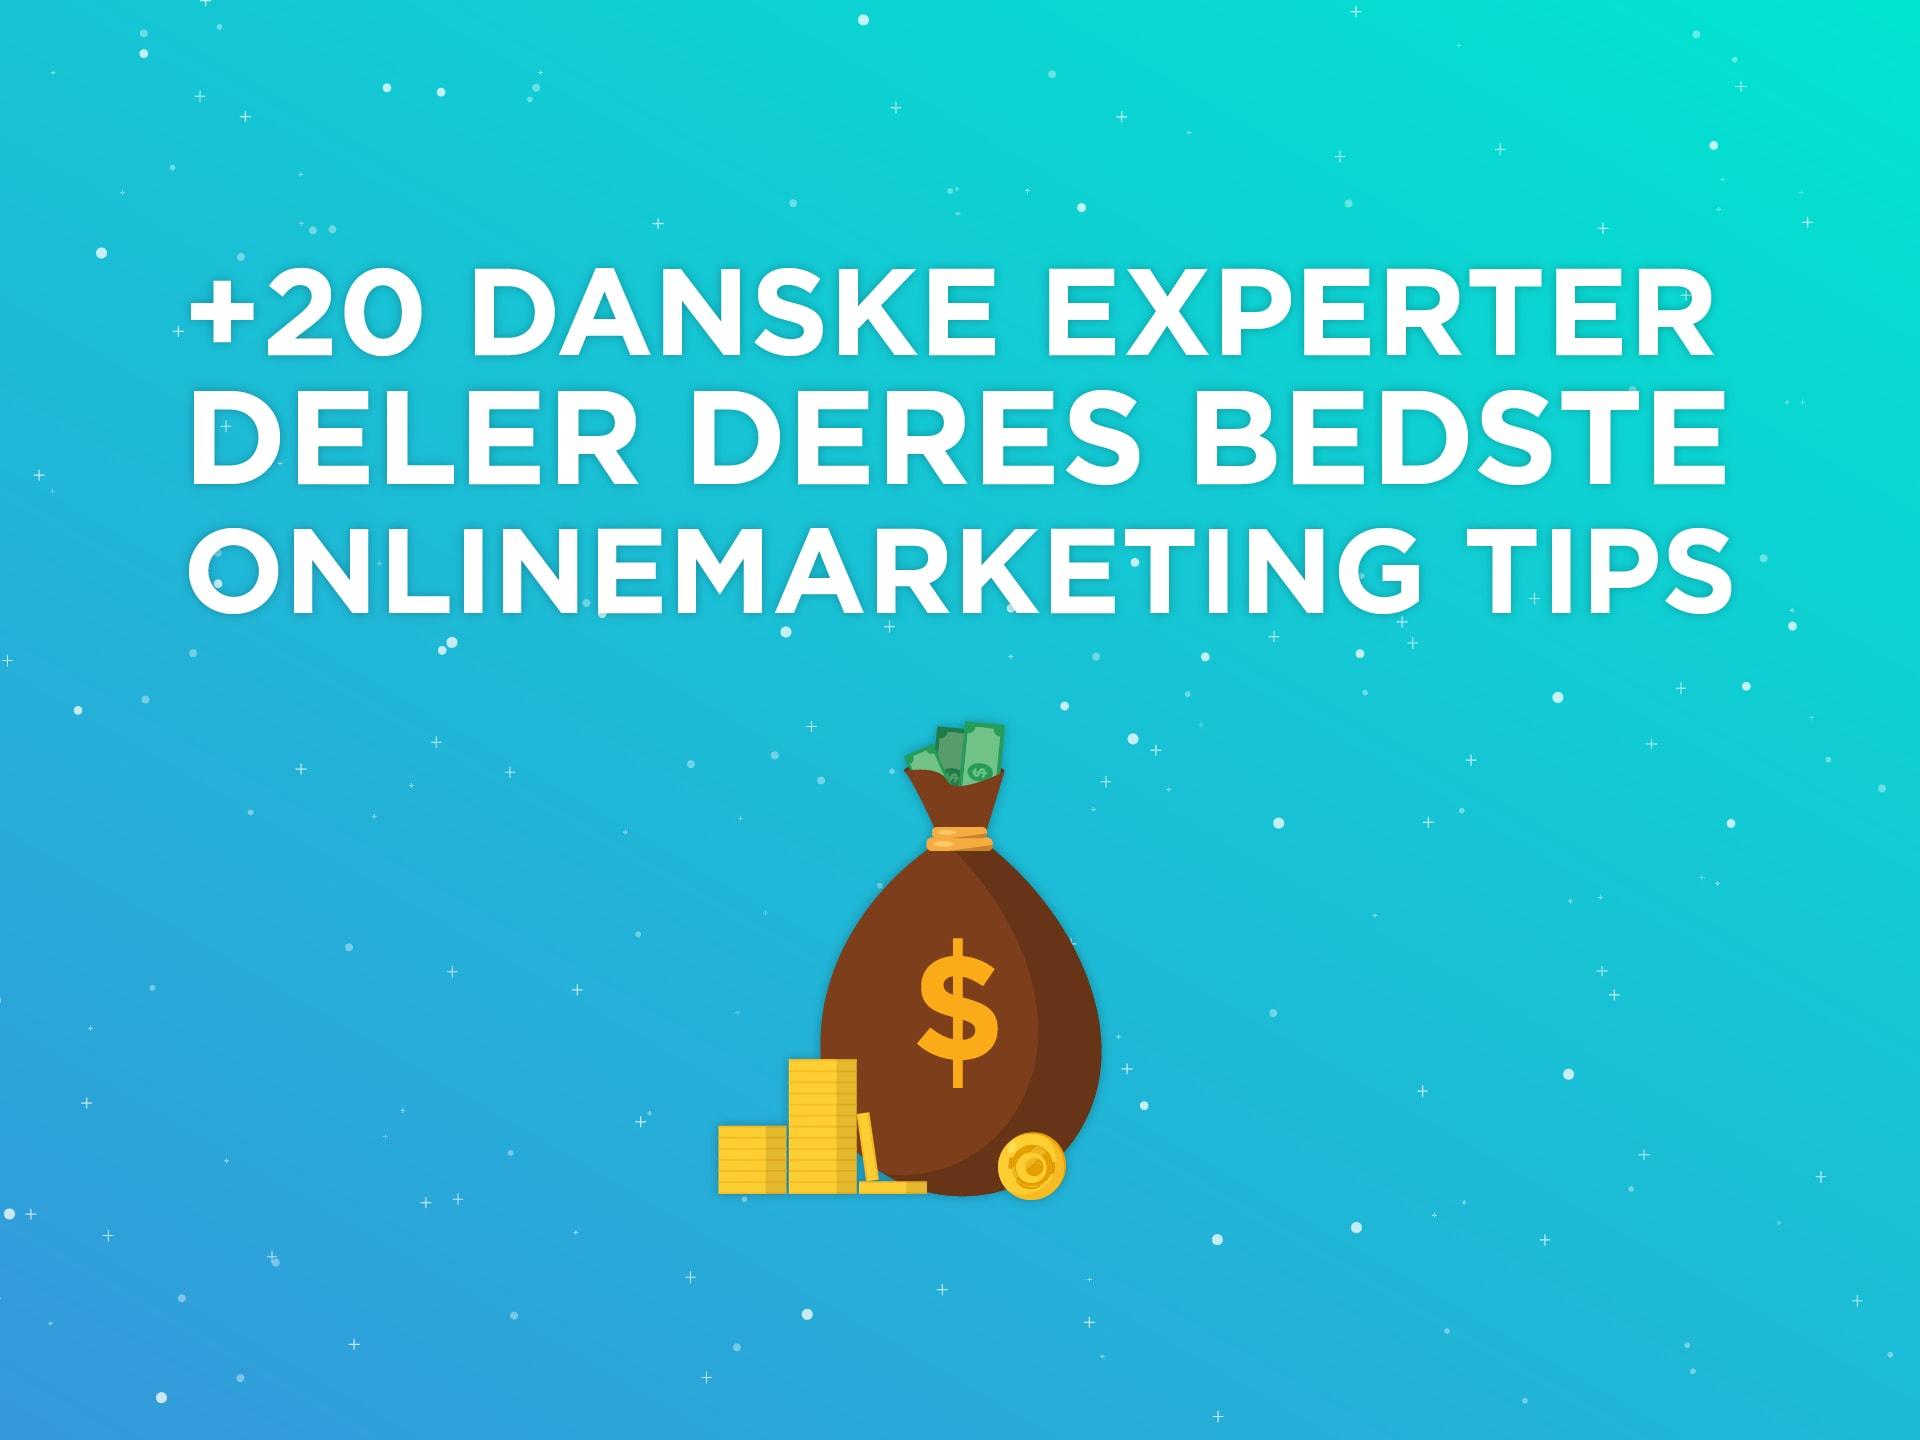 2790f2452 Hvordan vækster man online? → Læs hvad DK eksperter anbefaler